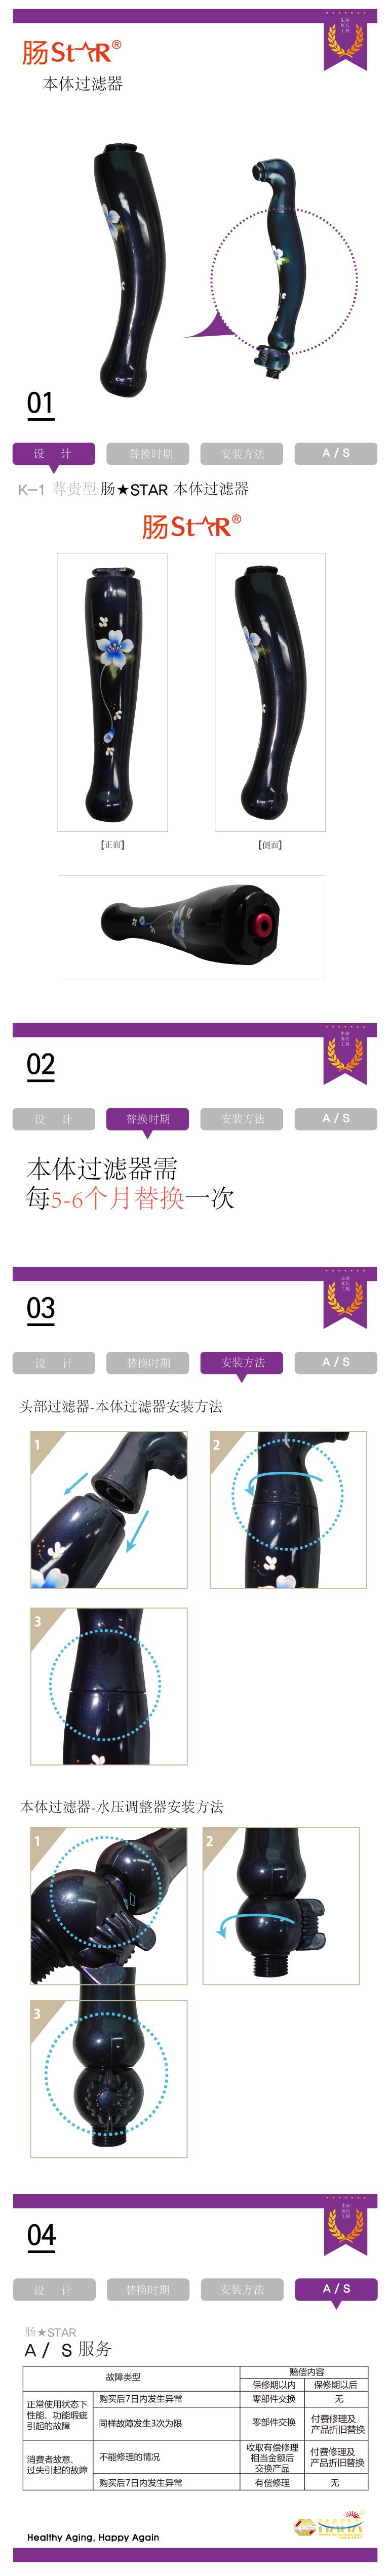 장스타-바디여과기-온라인-컨텐츠-중국어.png